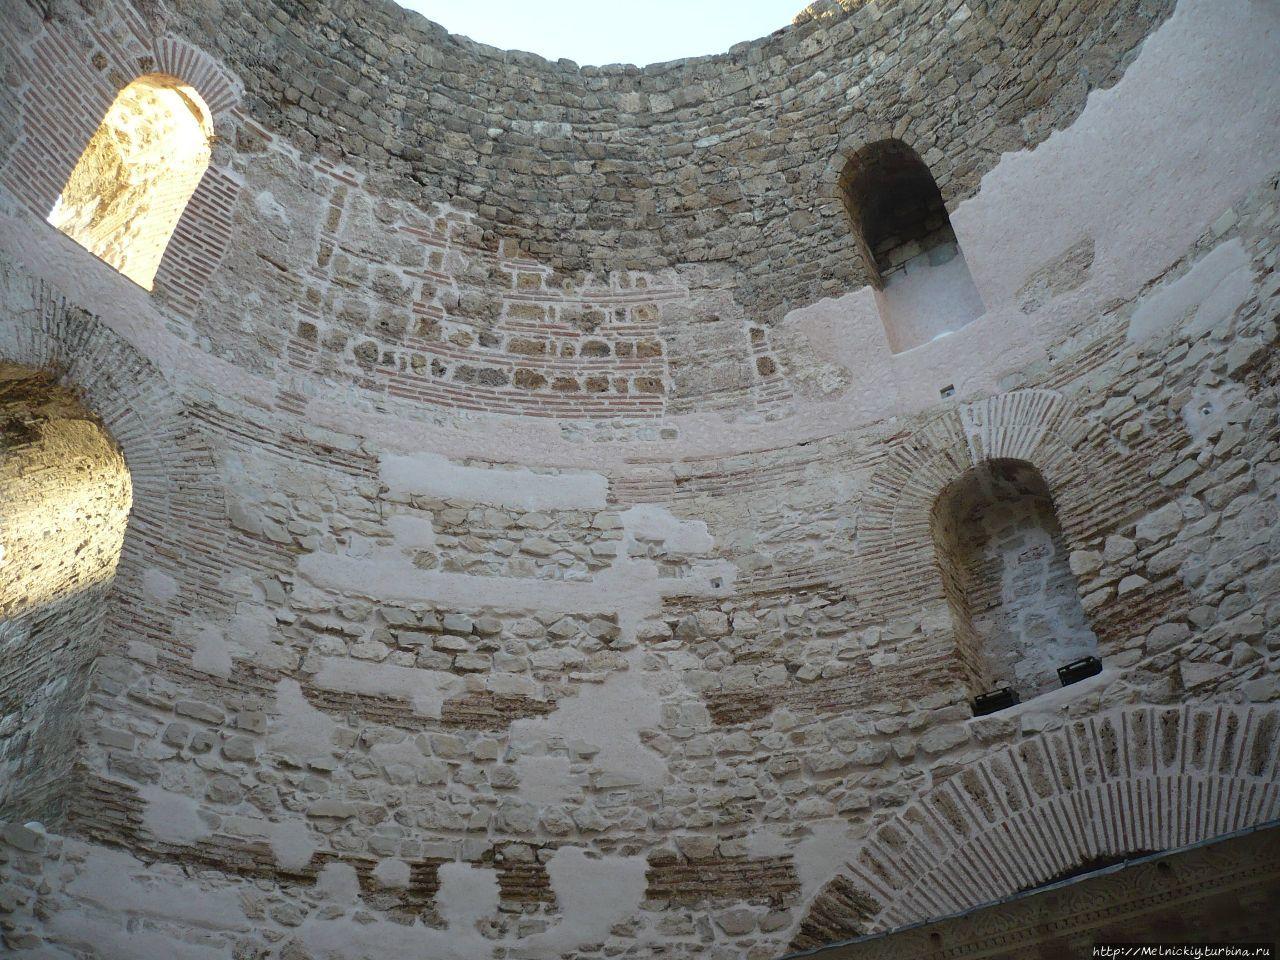 фото подземелье дворца диоклетиана фото хорошо изучить